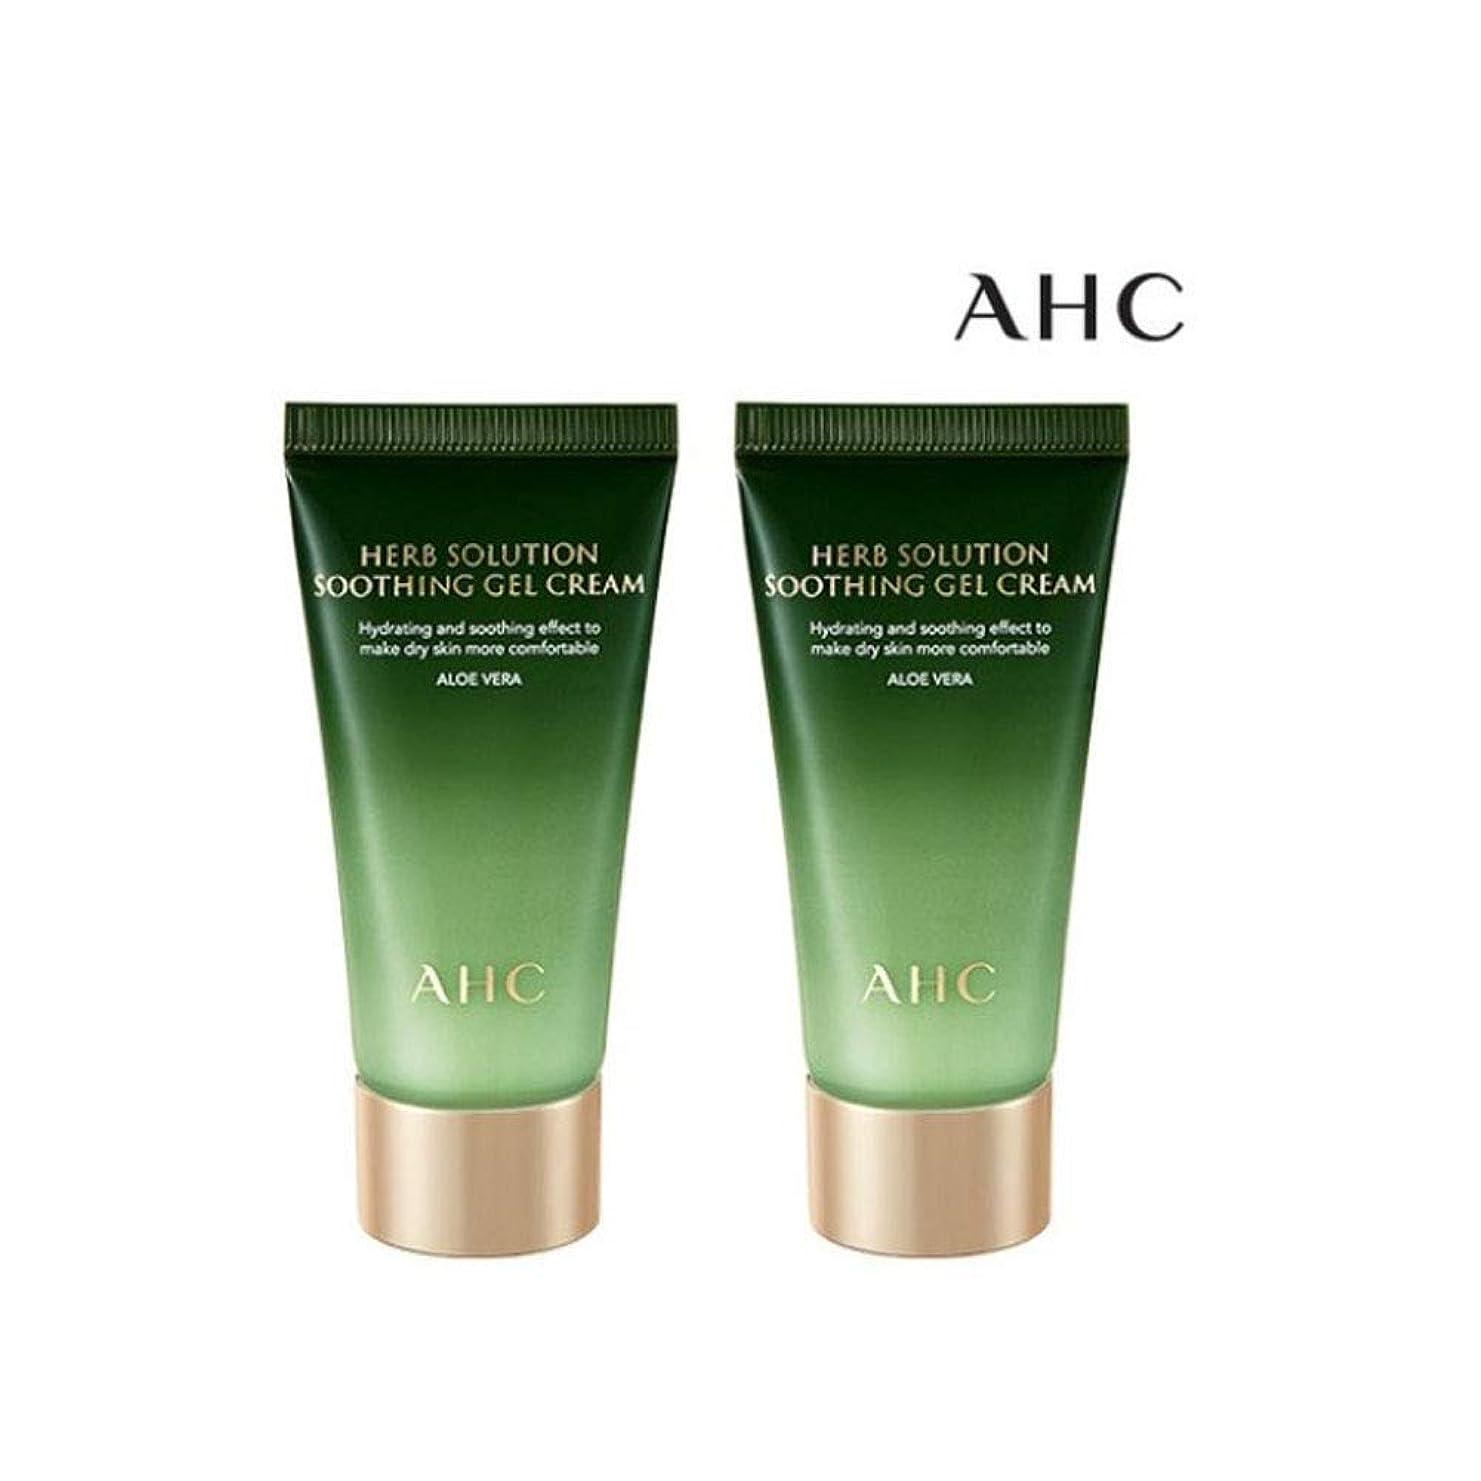 本会議六辞任するAHCハブソリューションアロエベラスージングジェルクリーム50mlx2本セット韓国コスメ、AHC Herb Solution Aloe Vera Soothing Gel Cream 50ml x 2ea Set Korean Cosmetics [並行輸入品]